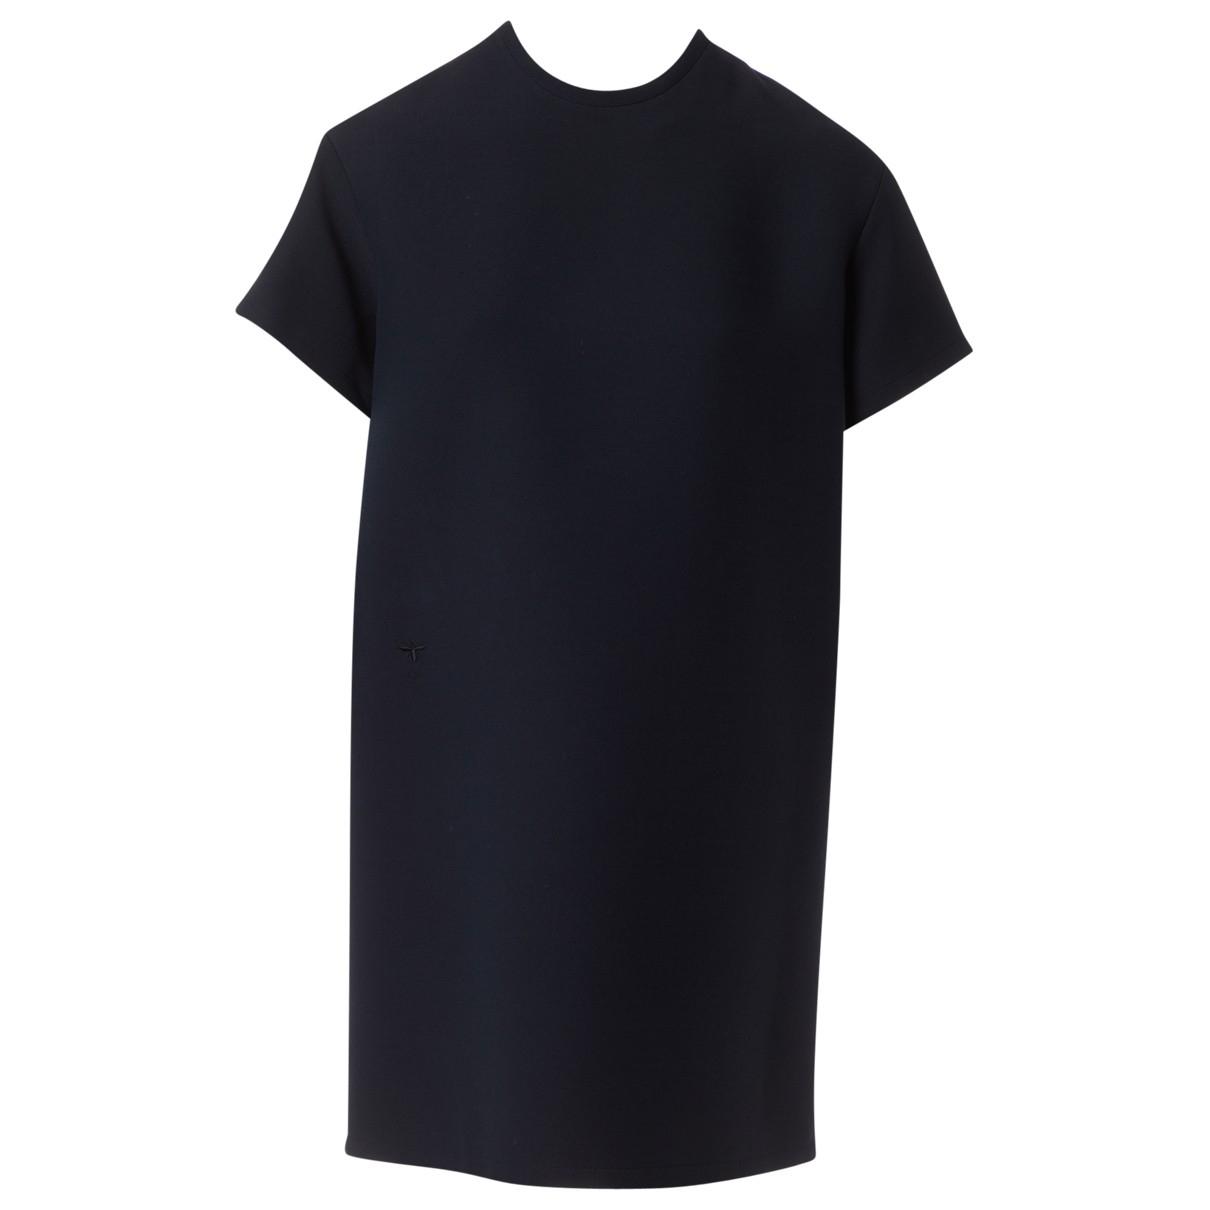 Dior \N Kleid in  Anthrazit Wolle